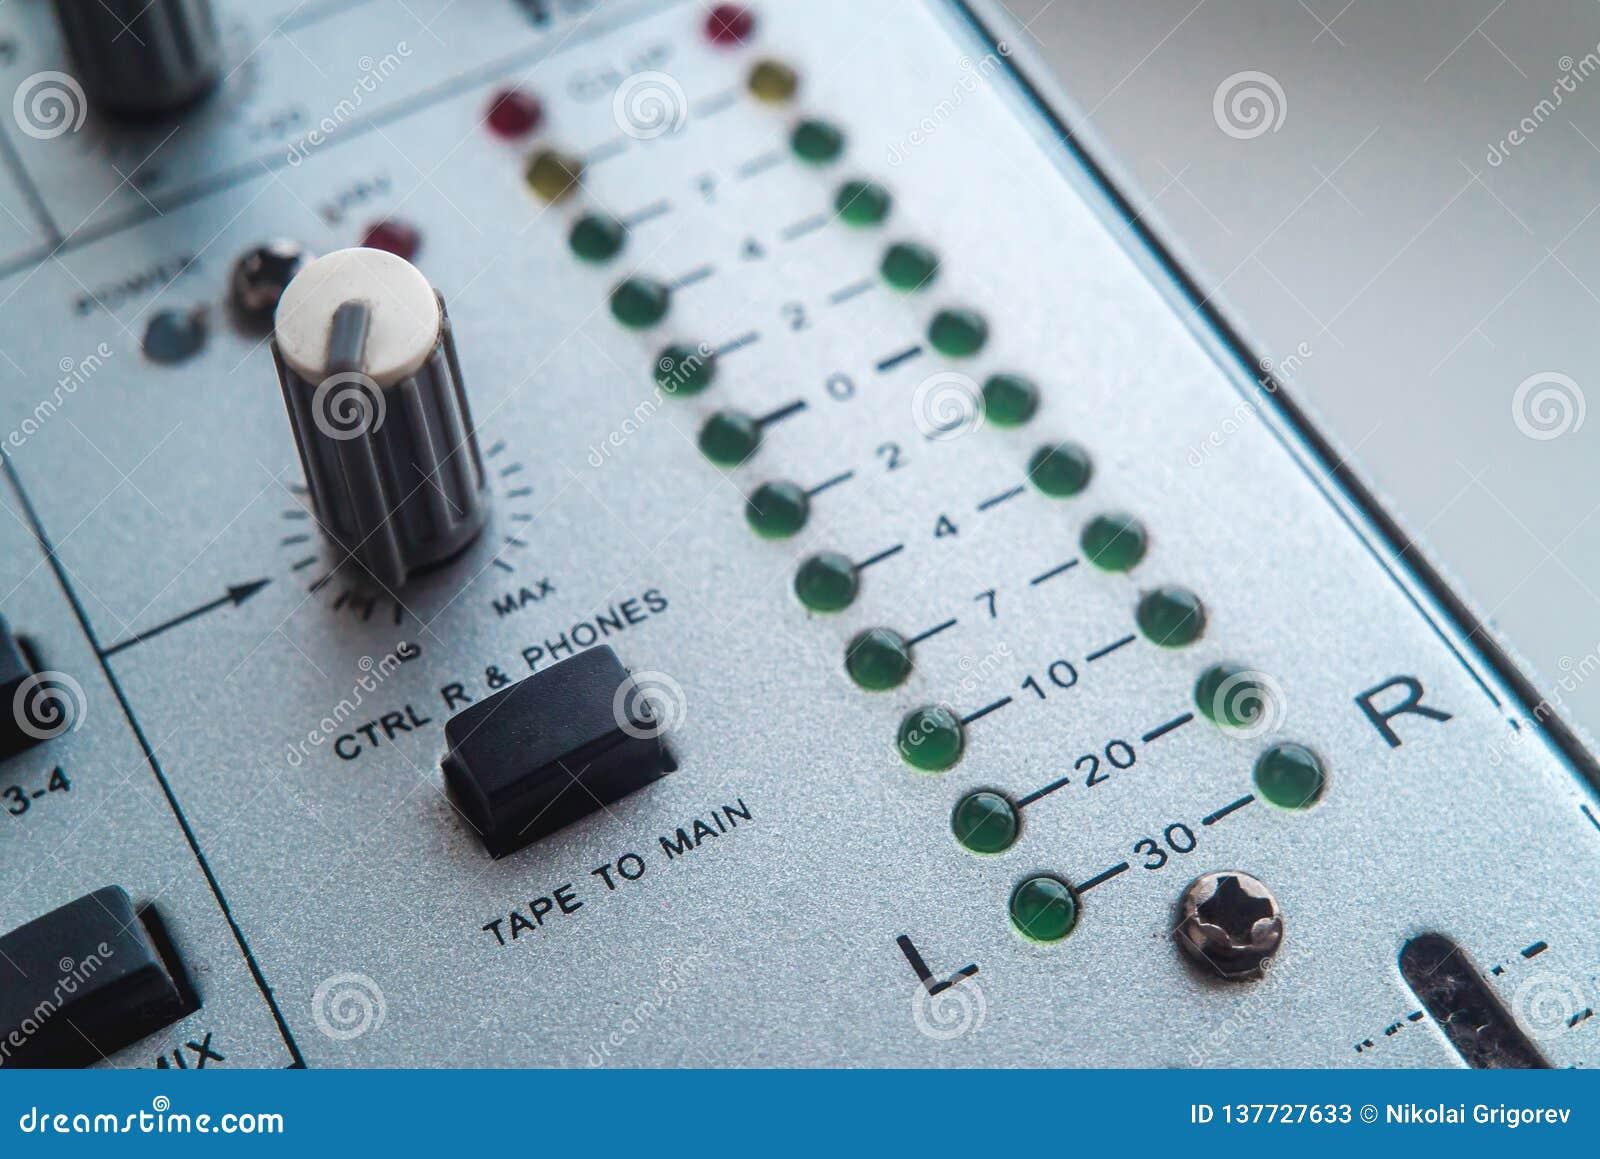 Foto van de analoge audiomixer